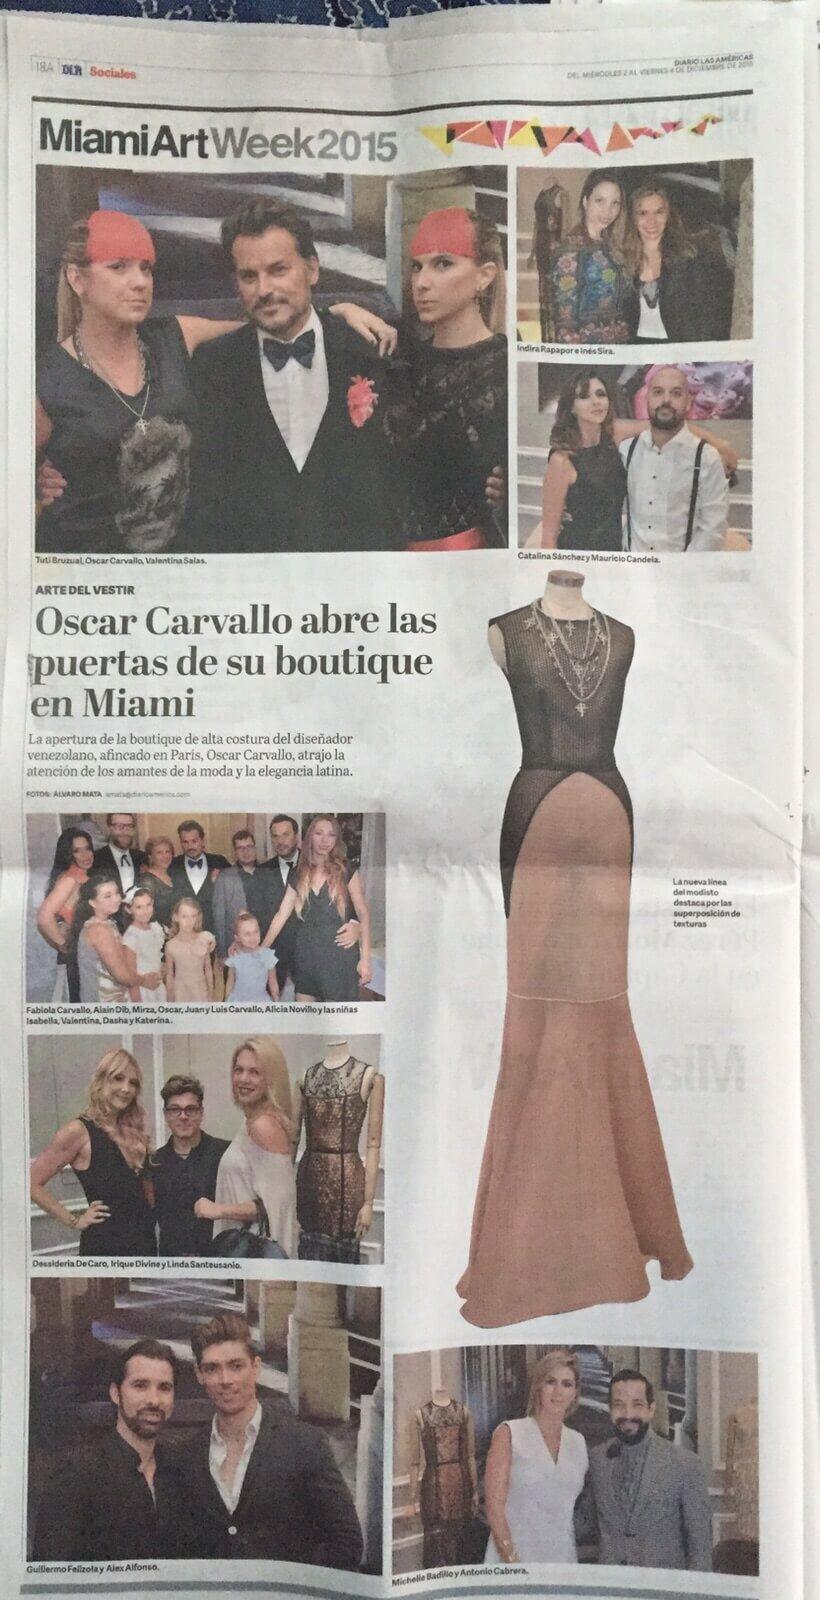 El Diario de las Americas_Oscar Carvallo_Diciembre 2015 120215